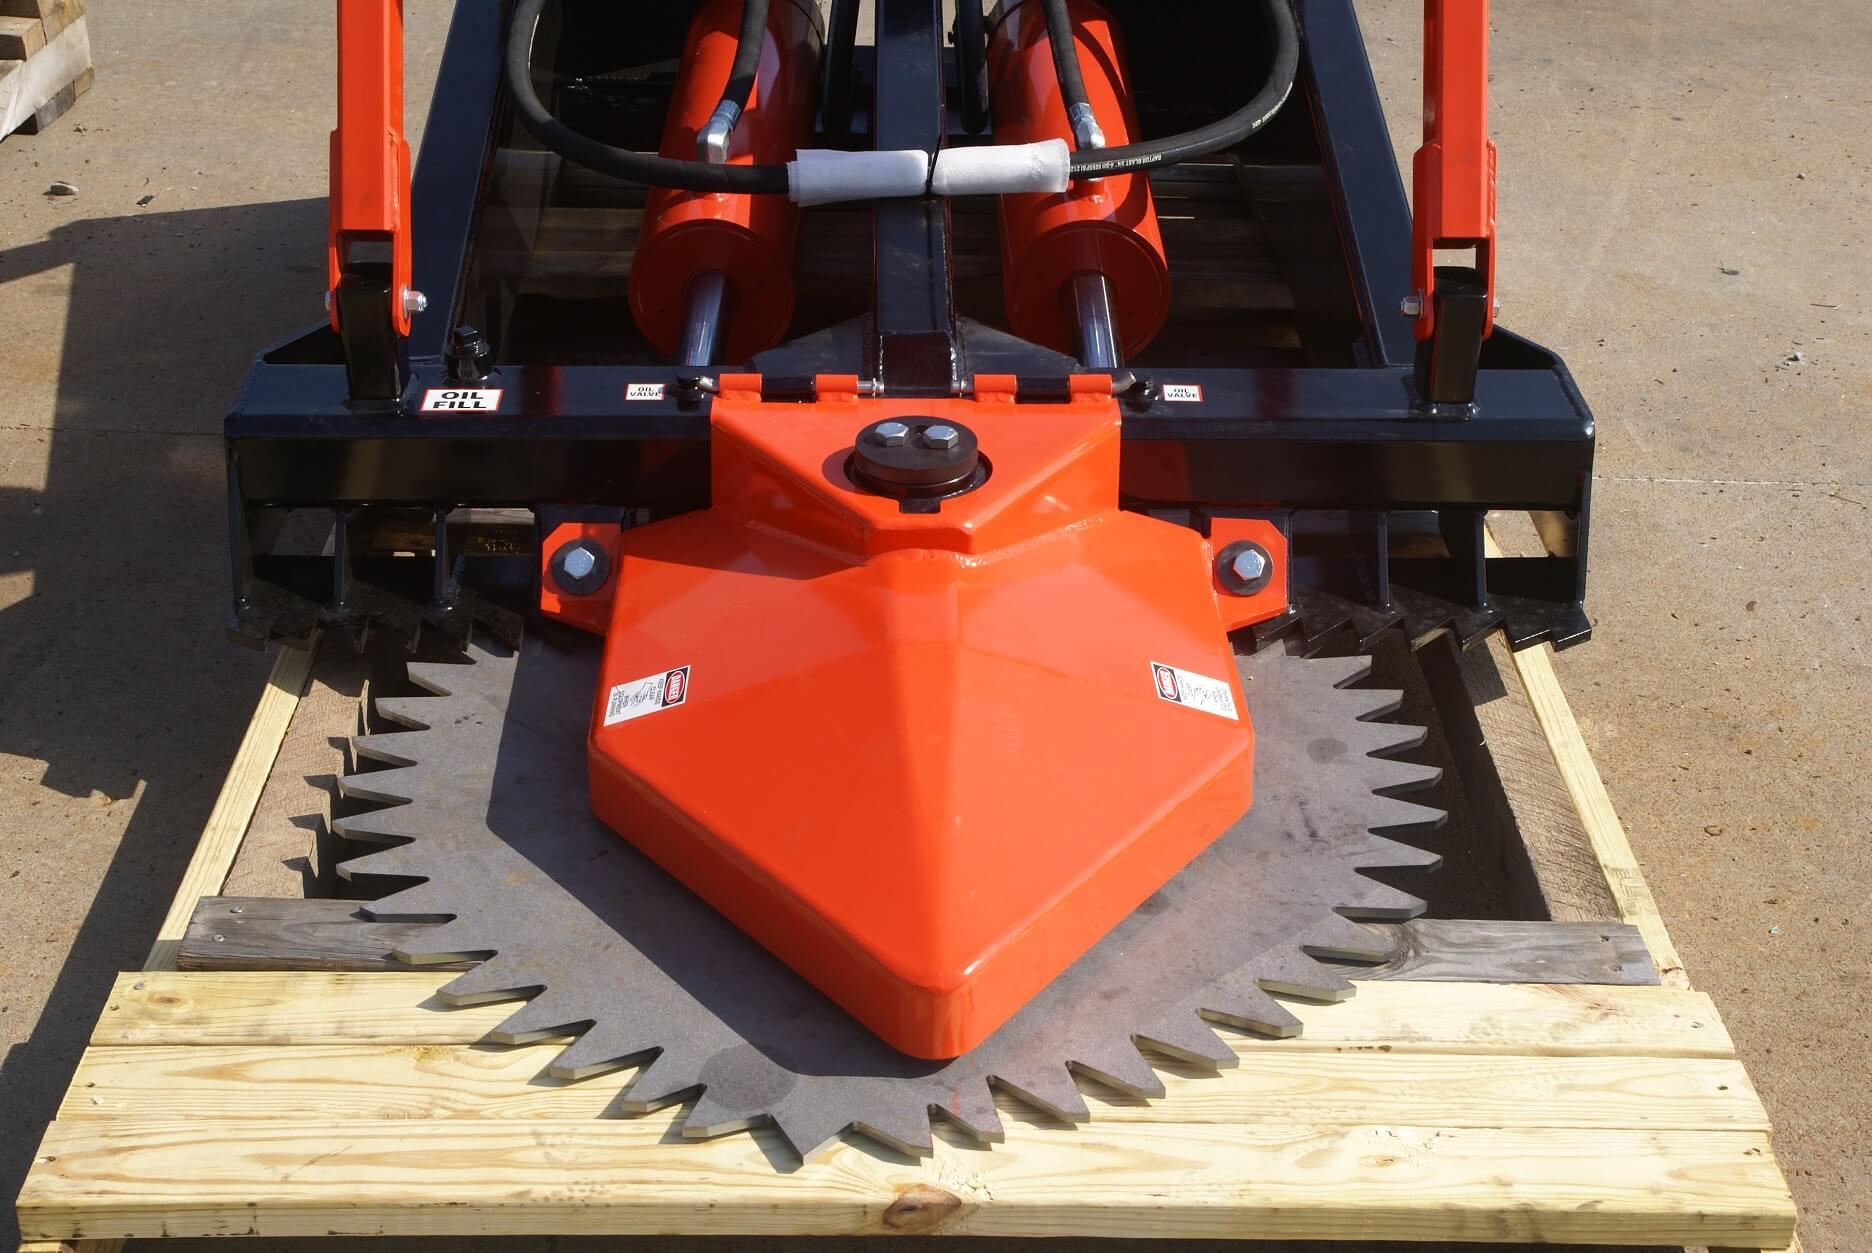 Marshall Tree Saw Machine